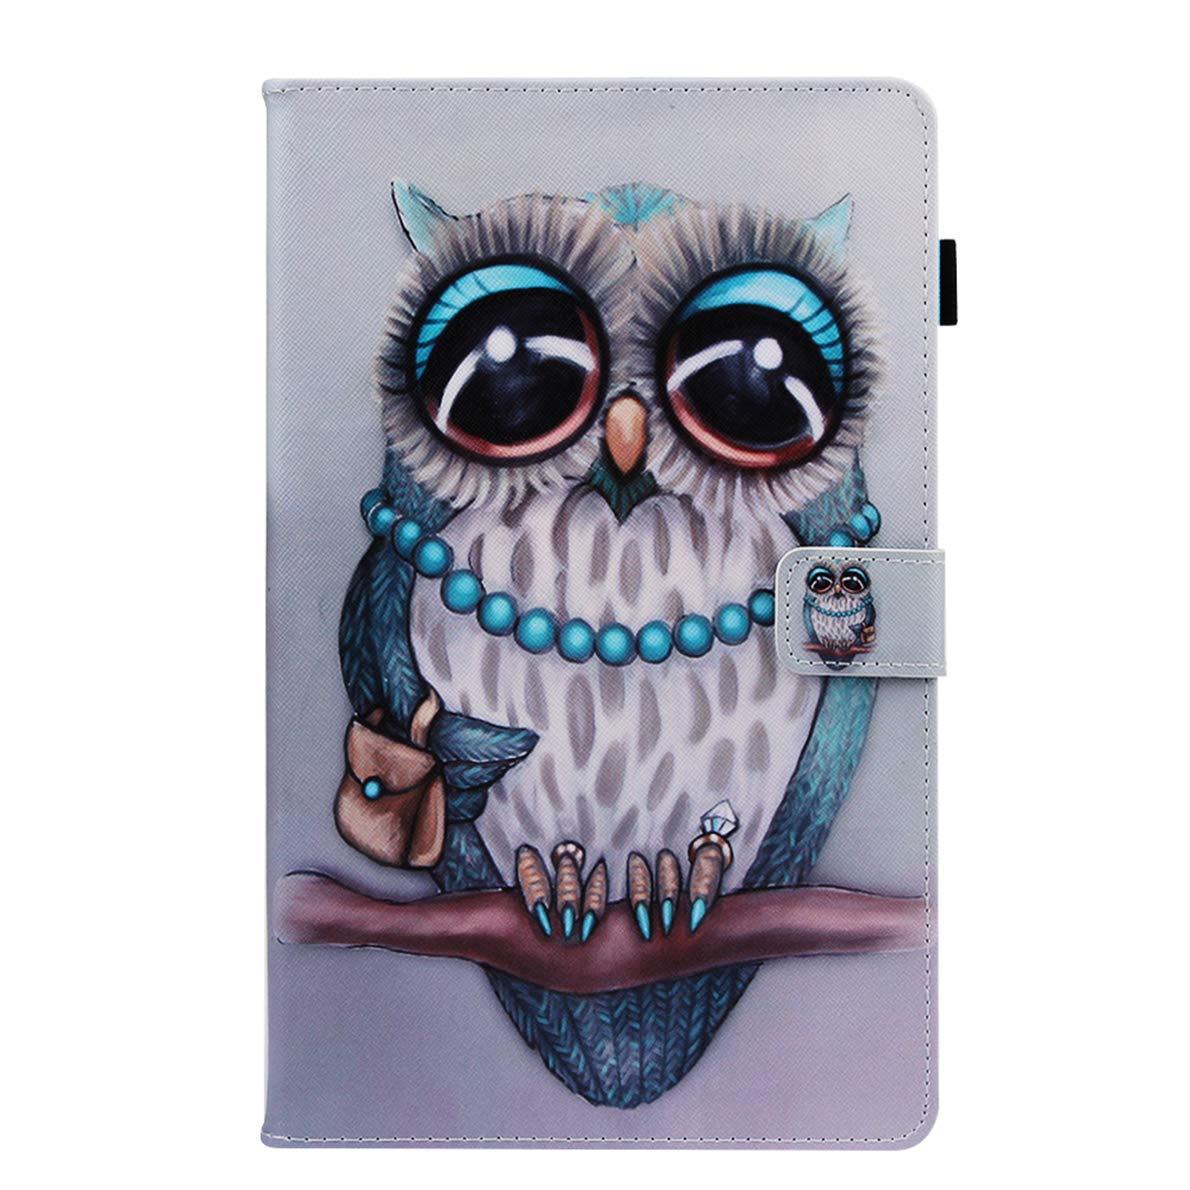 SHUYIT Samsung Galaxy Tab A 10.1 2019 SM-T510 T515 Caso Color PU Cuero Billetera Flip Case Cover Carcasa con Bolsillo y Soporte para Samsung Galaxy Tab A 10.1 2019 SM-T510 T515 Funda